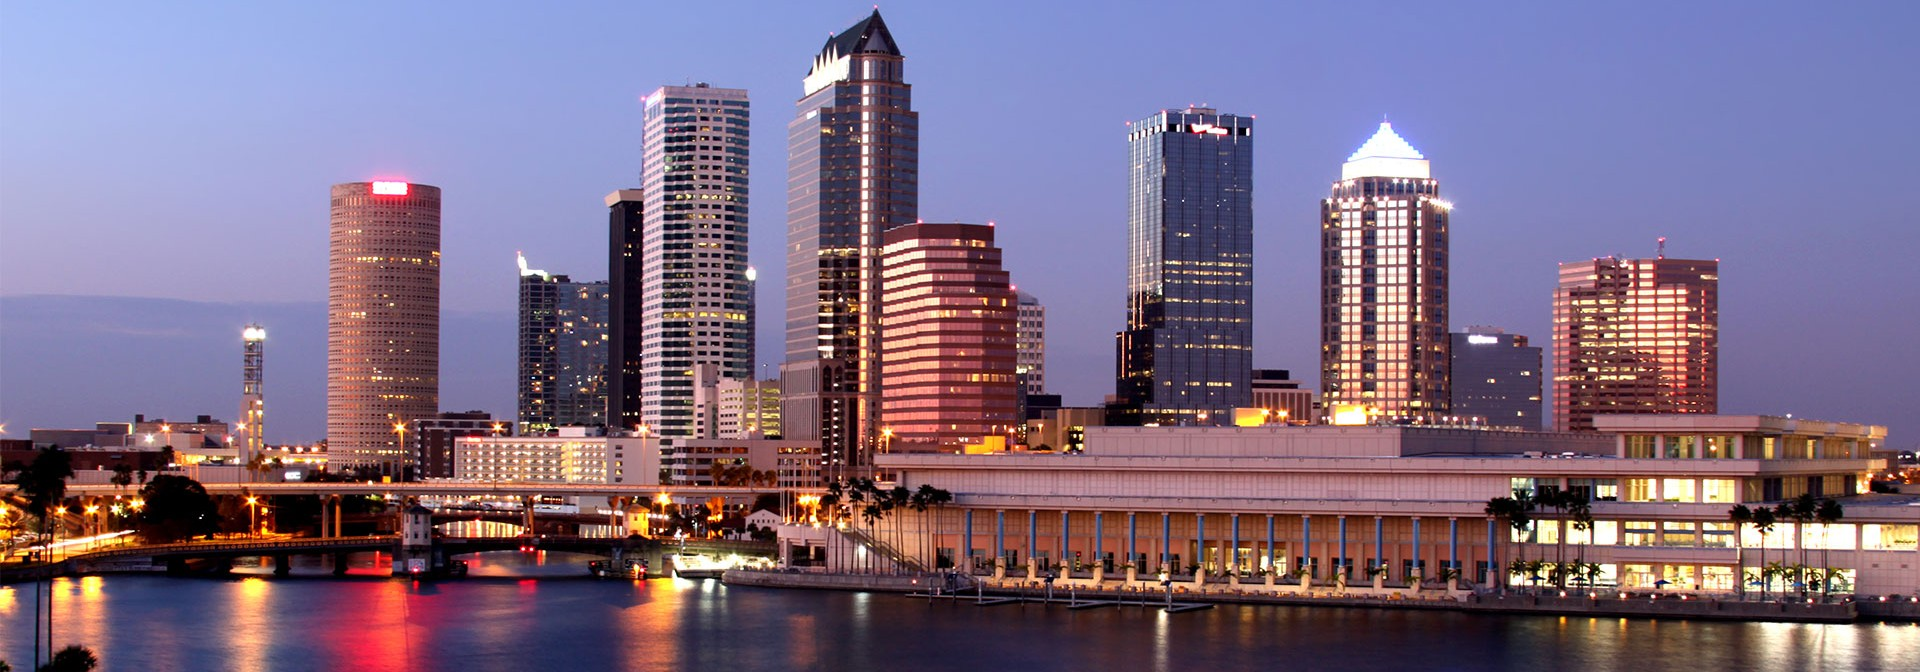 dkleim.com - Douglas Kleim - Tampa Bay, Florida